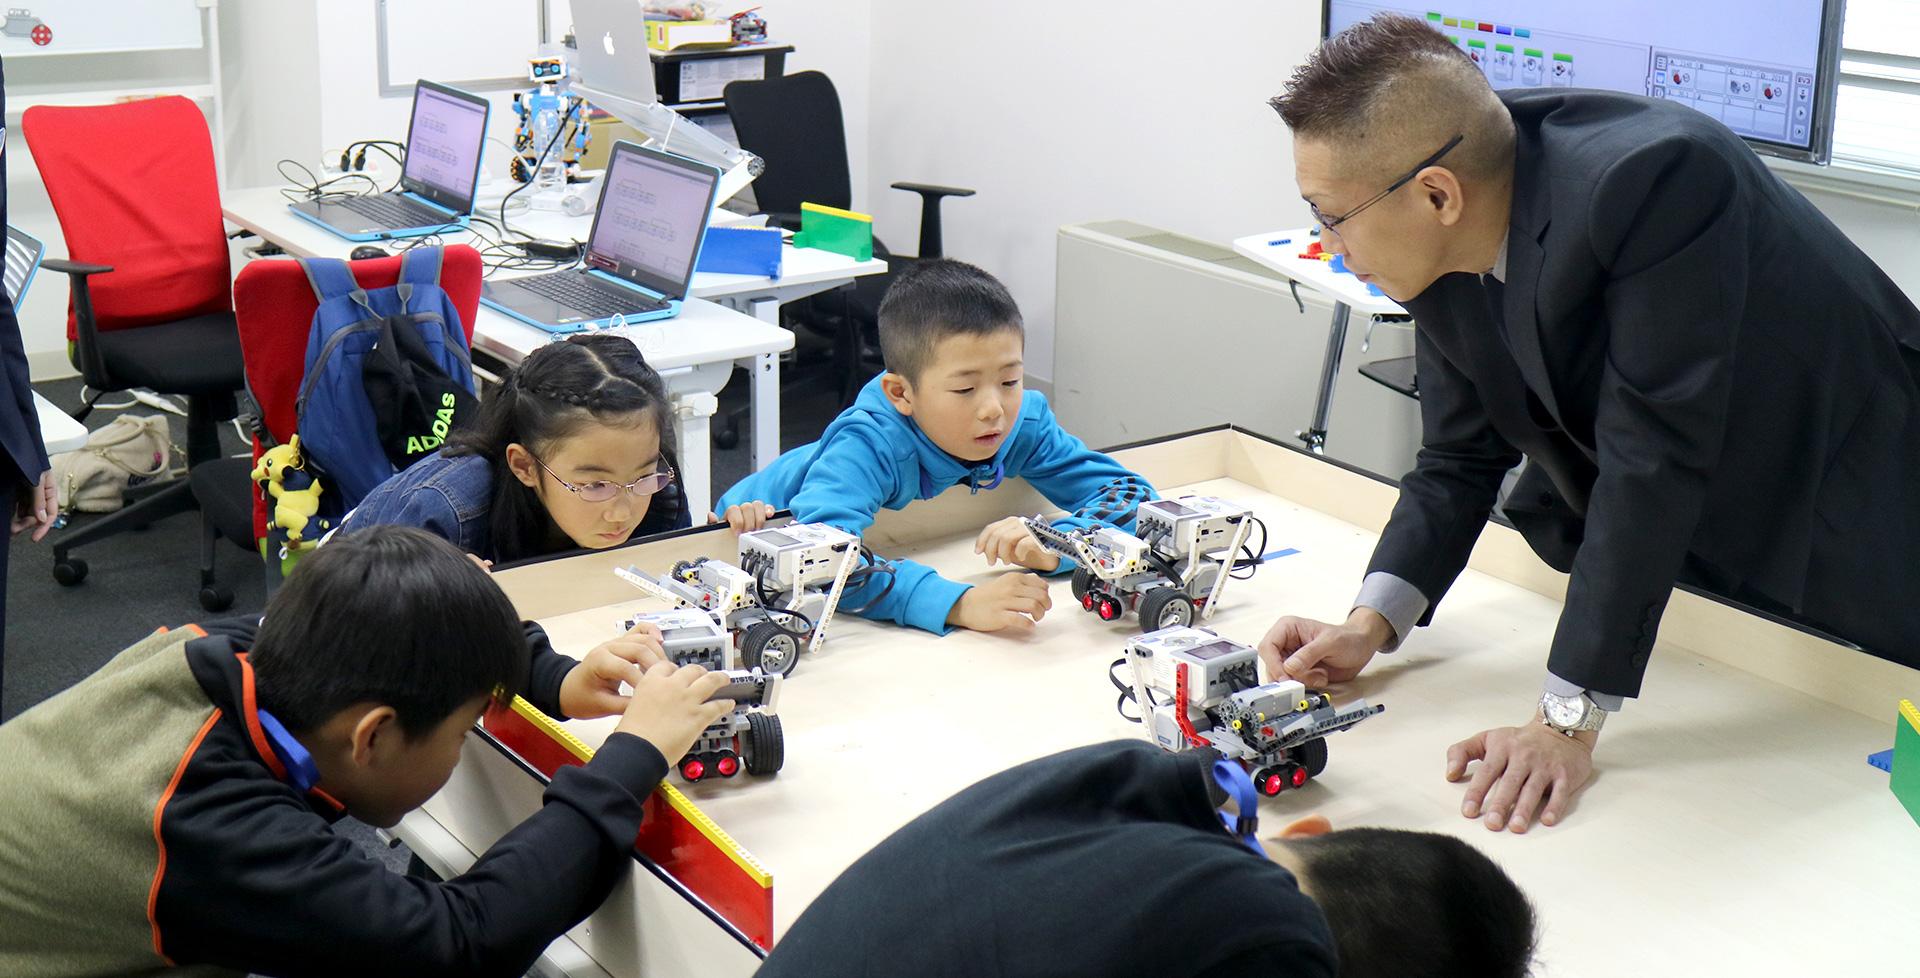 超音波センサーの範囲を確認する小学生たち